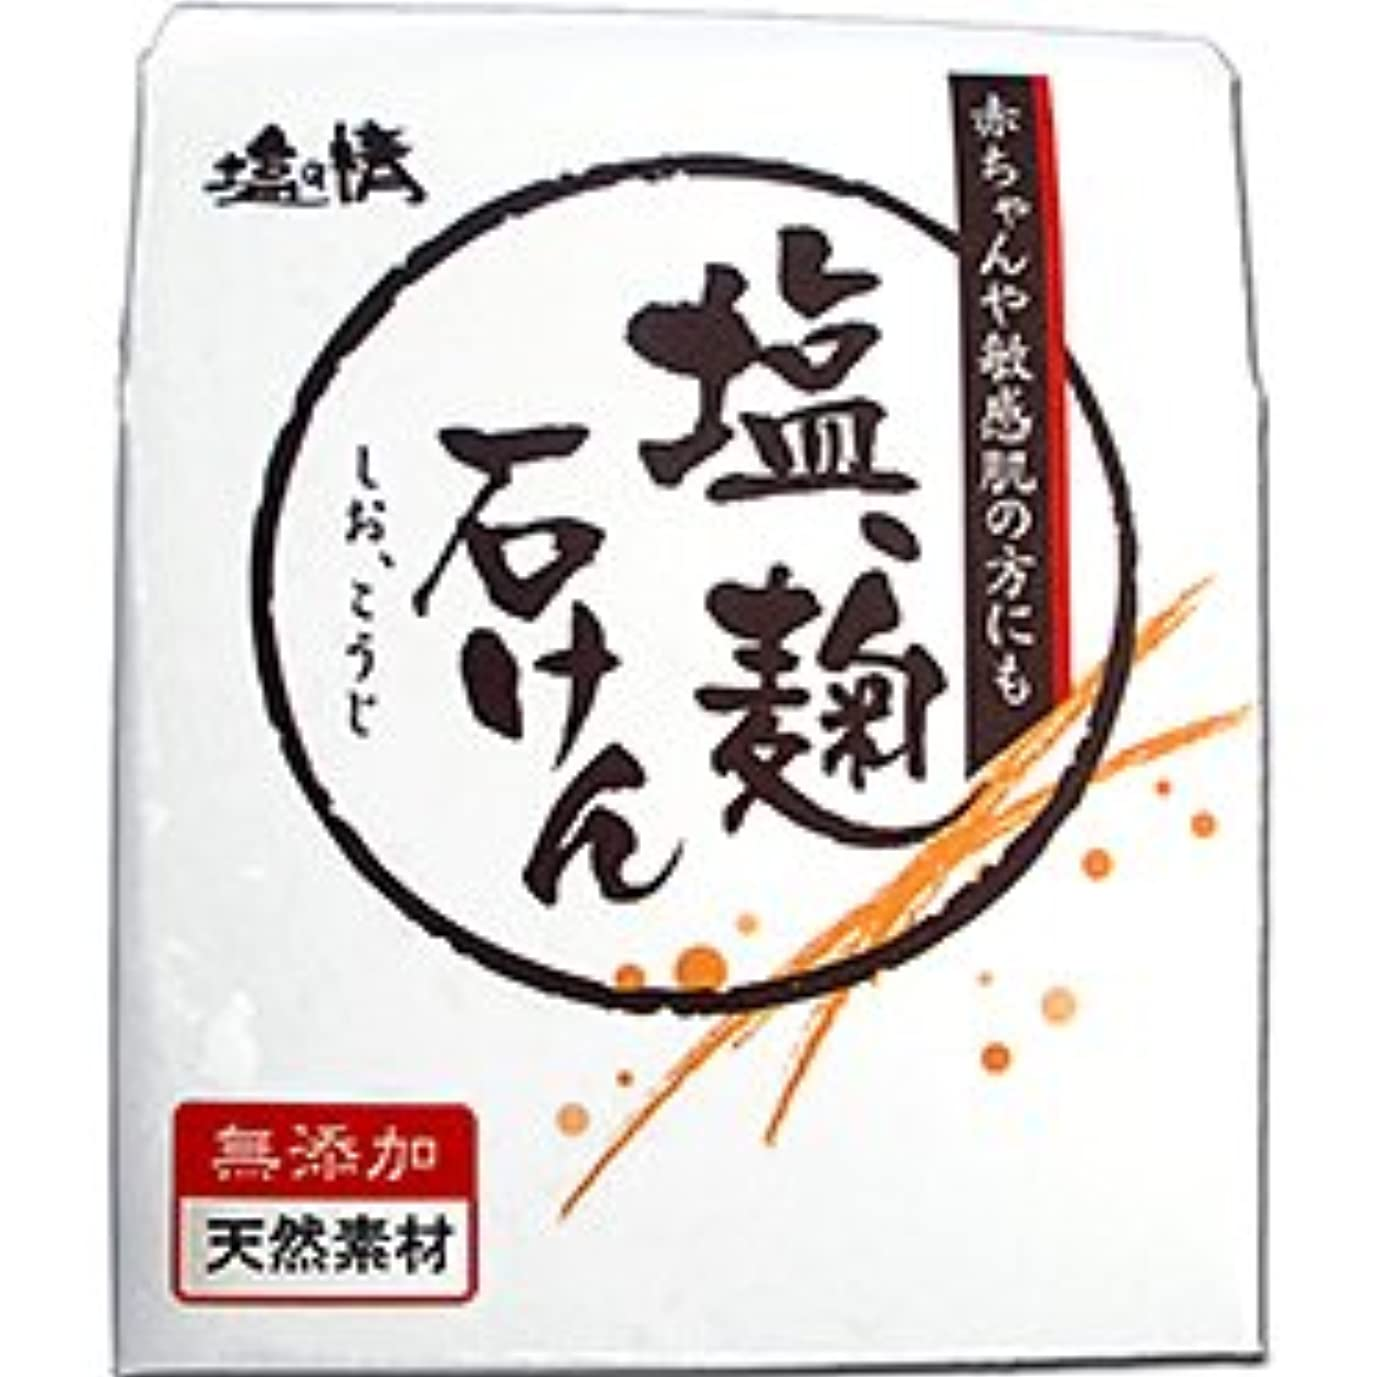 軽蔑する毎週三角形【ダイムヘルスケア】塩の精 塩、麹石けん(しお、こうじせっけん) 無添加?天然素材 80g ×5個セット